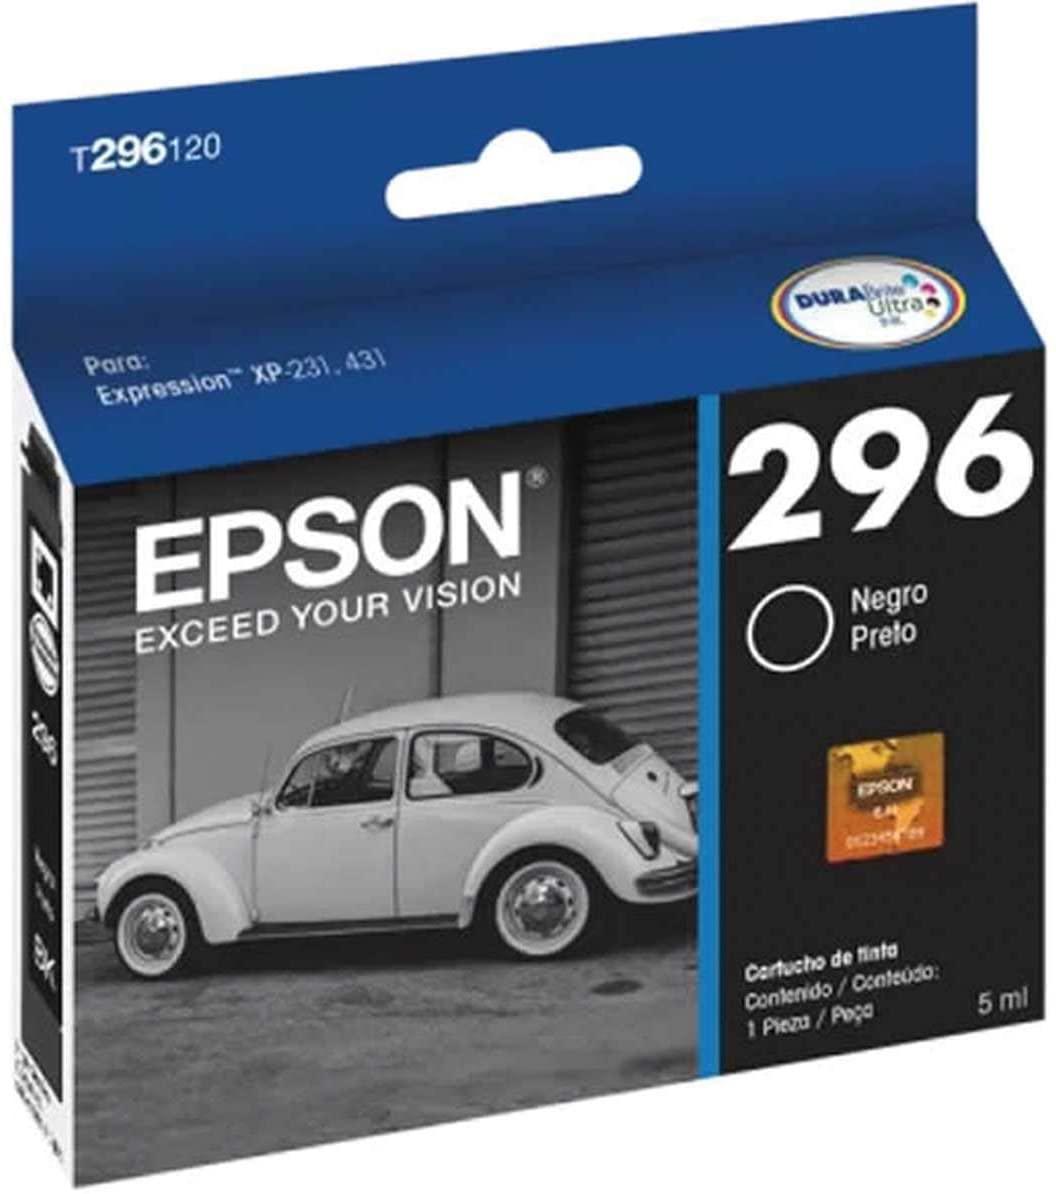 CARTUCHO EPSON 296 PRETO T296120 BR